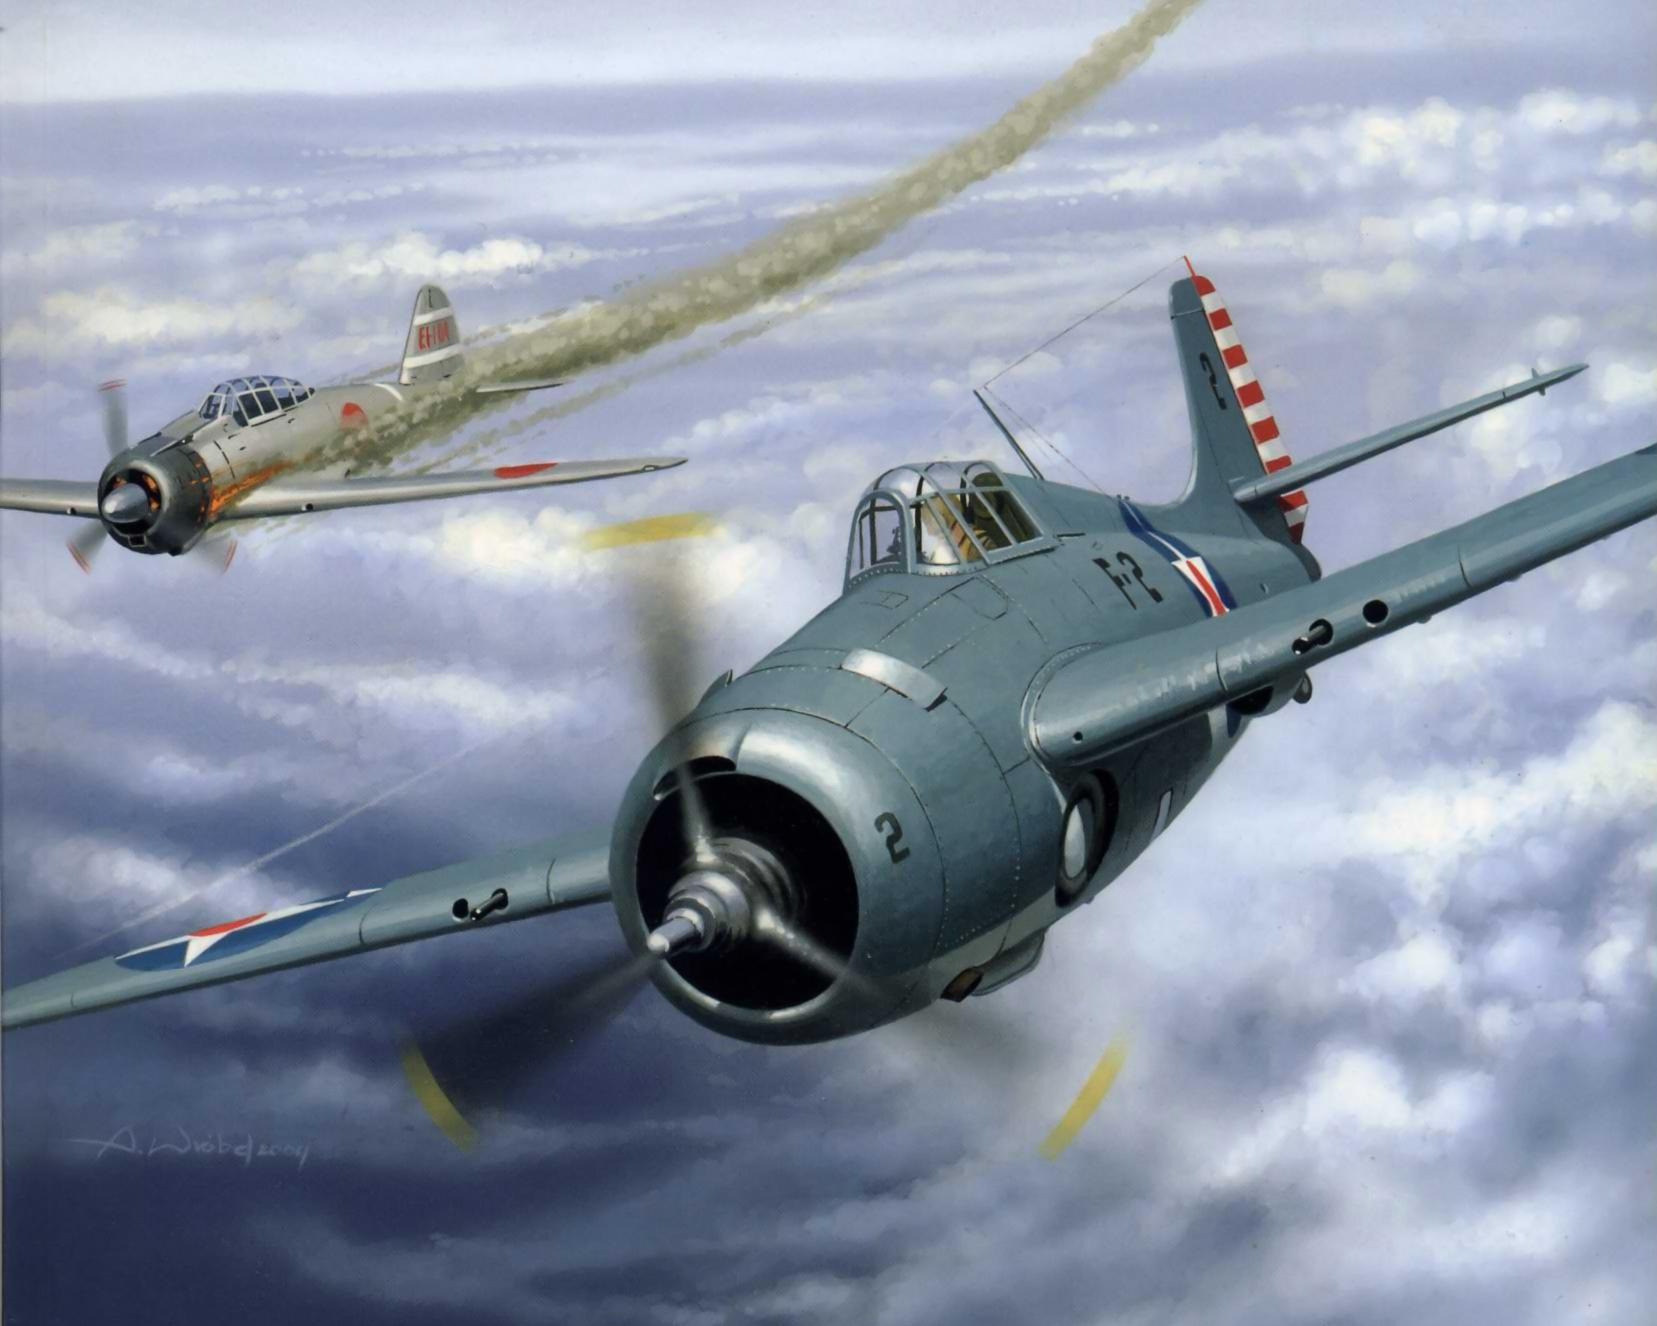 Wallpaper_3653_Aviation_F4F_Wildcat.jpg